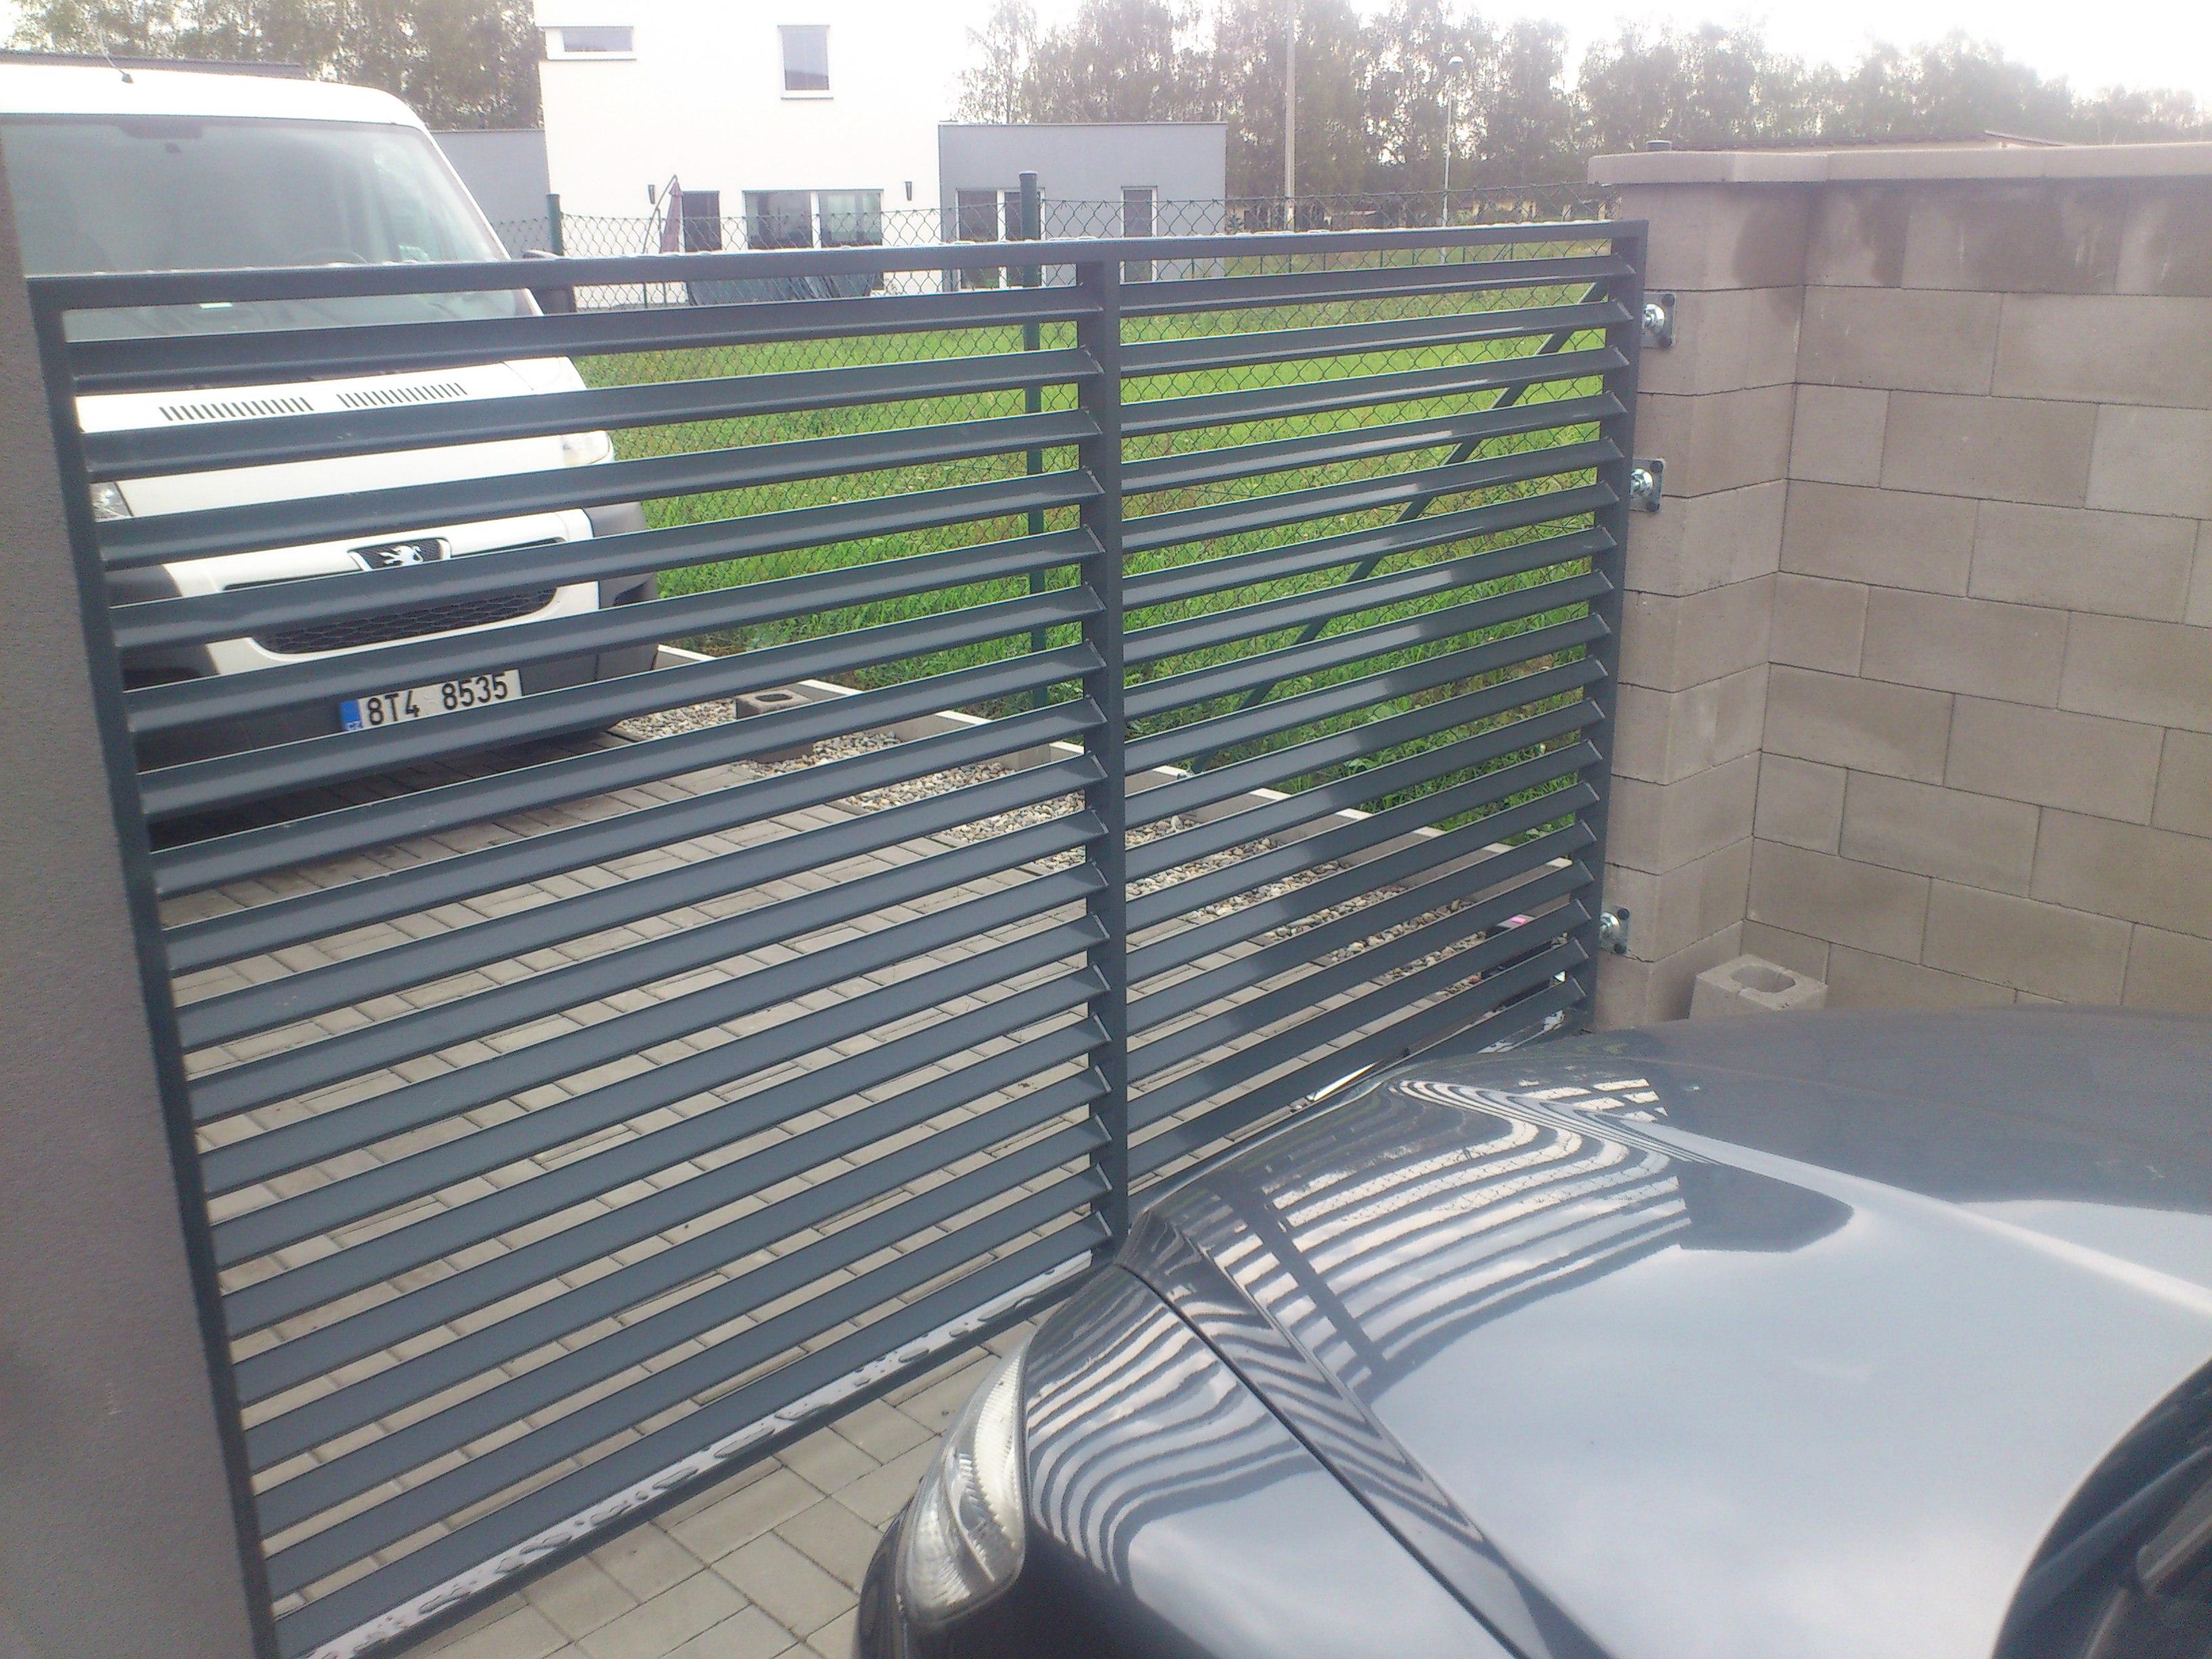 Ocelová brána - Ocelové konstrukce Ostrava - JR Steel